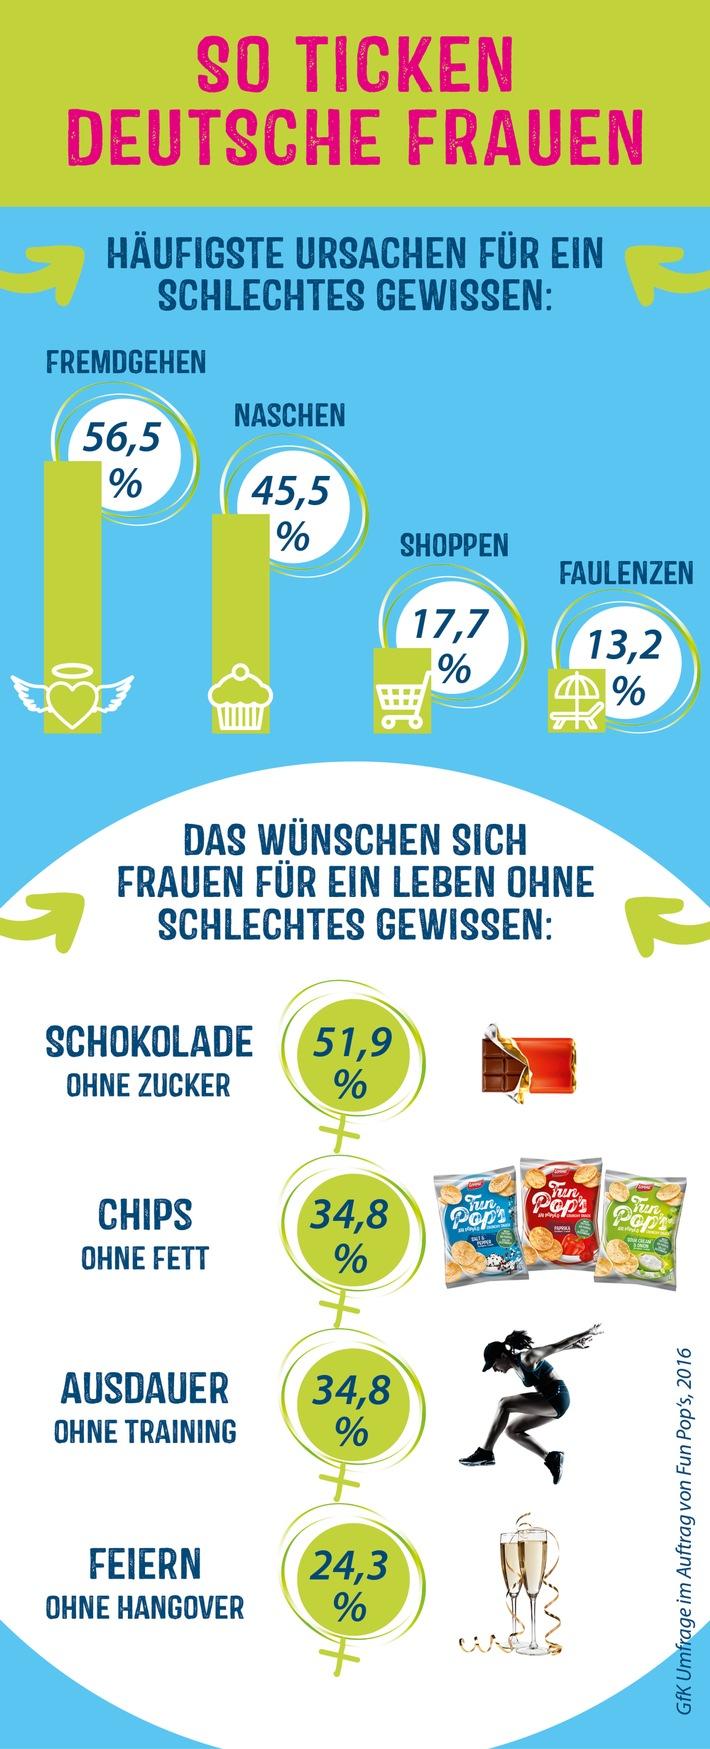 So ticken deutsche Frauen: Fremdgehen und Naschen als häufigste Ursache für schlechtes Gewissen - Chips ohne Fett und Schokolade ohne Zucker der meist geäußerte Wunsch